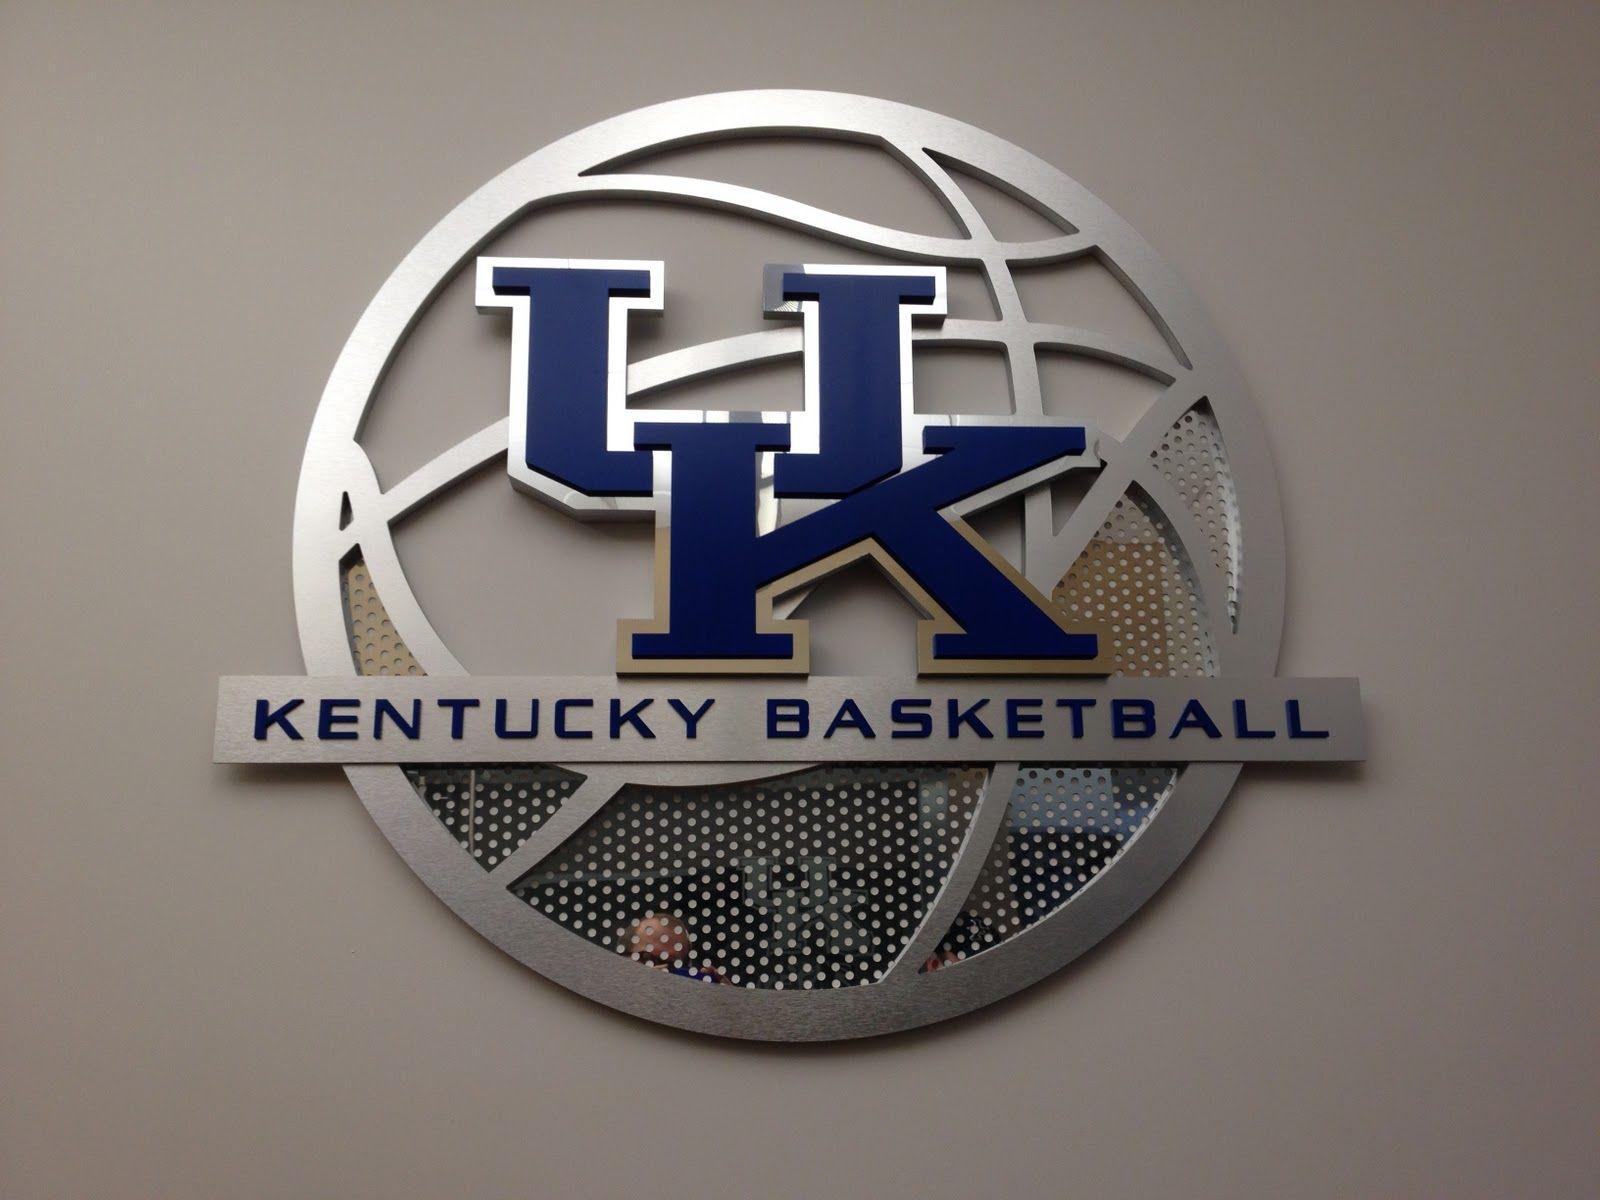 Kentucky Basketball Wallpaper Uk